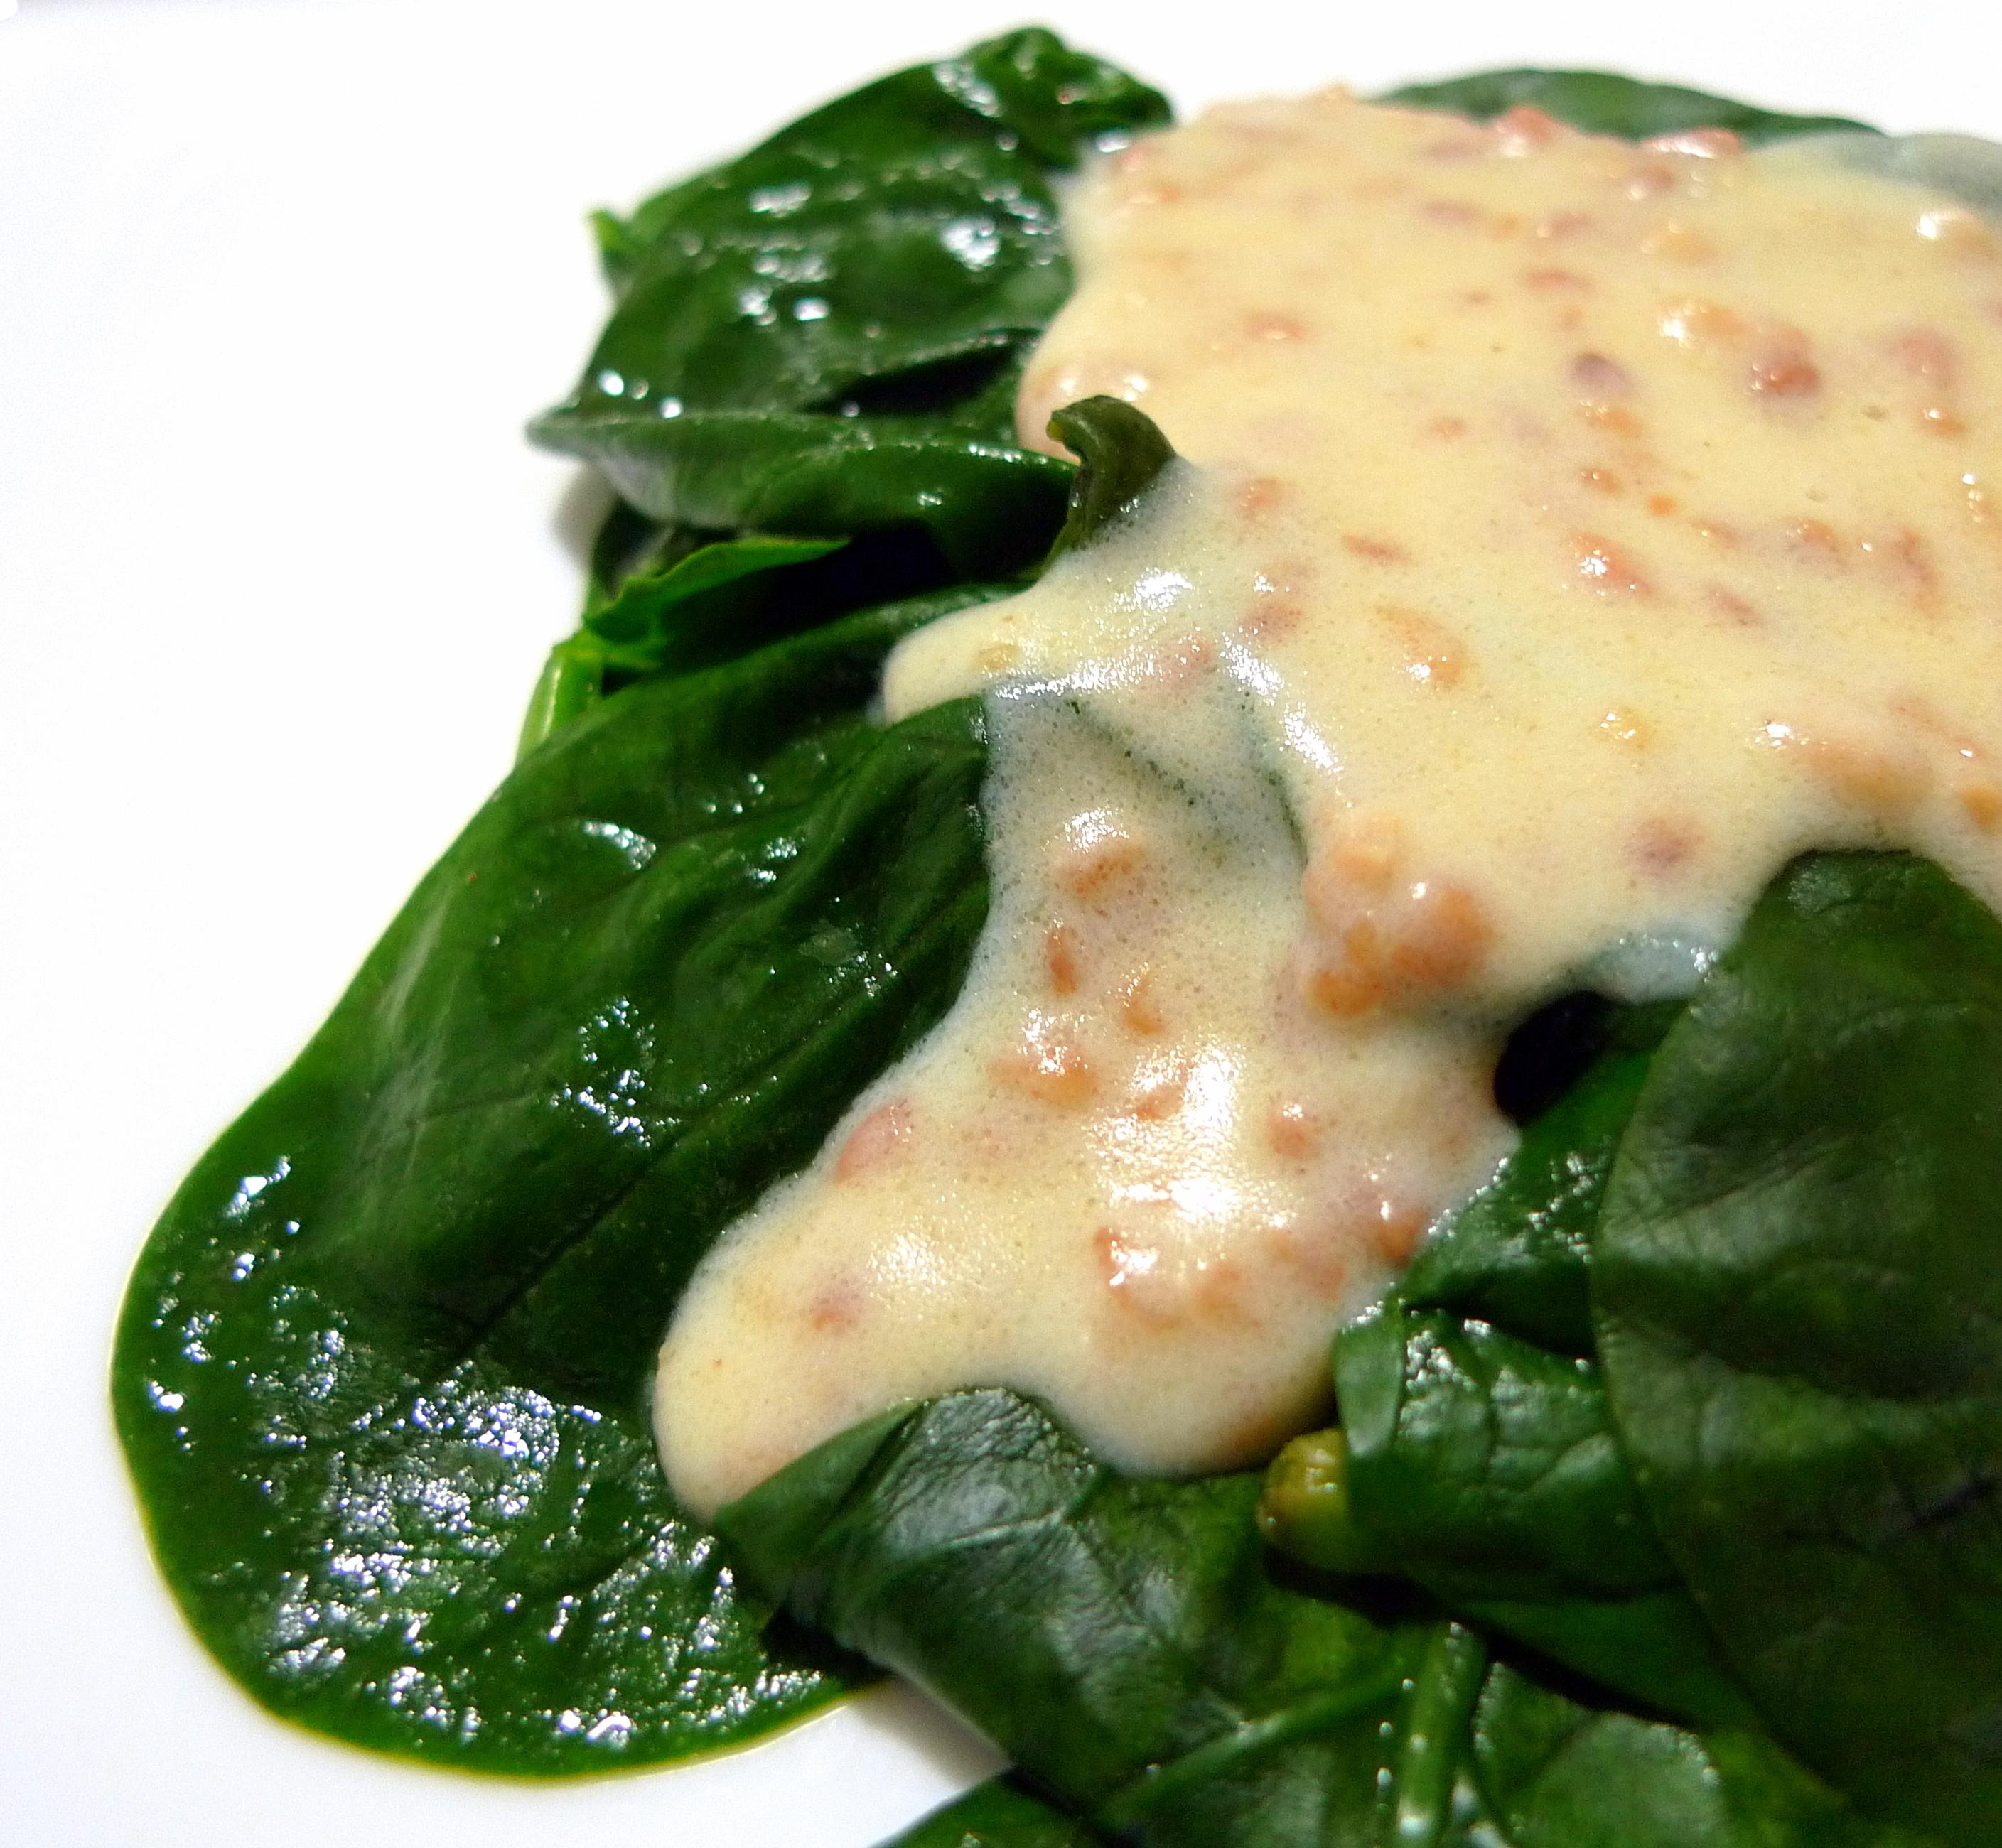 Receta de espinacas con crema recetas cocina for Cocinar espinacas